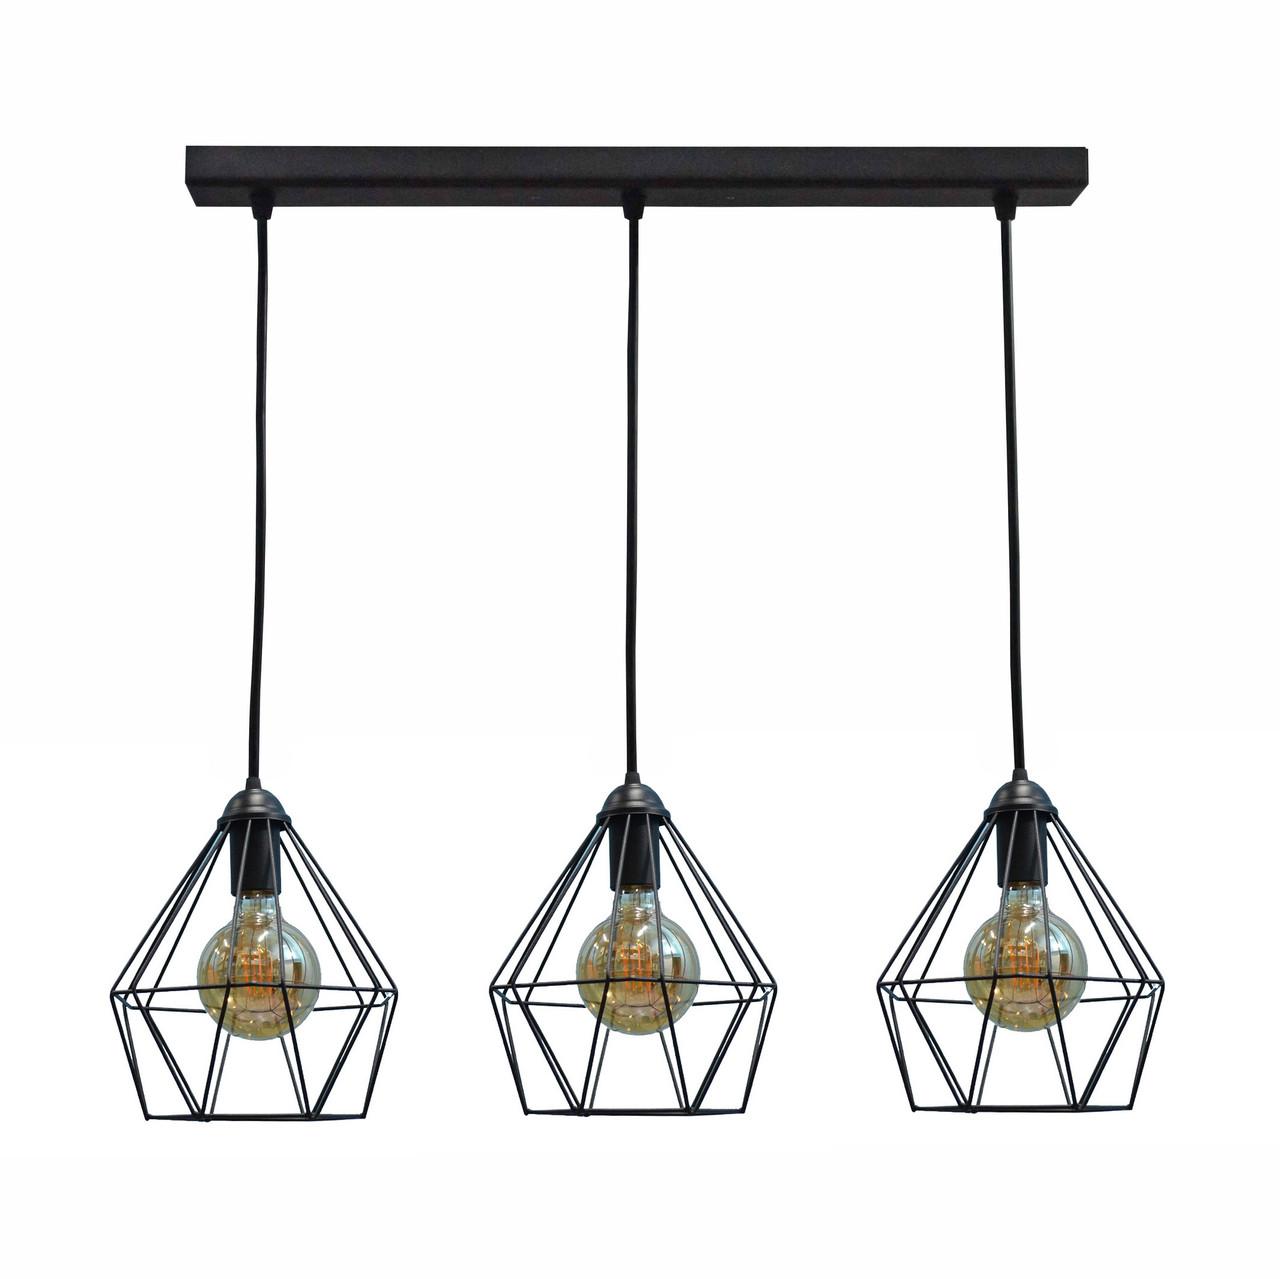 Світильник підвісний на три лампи MSK Electric E27 метал (NL 0537-3)